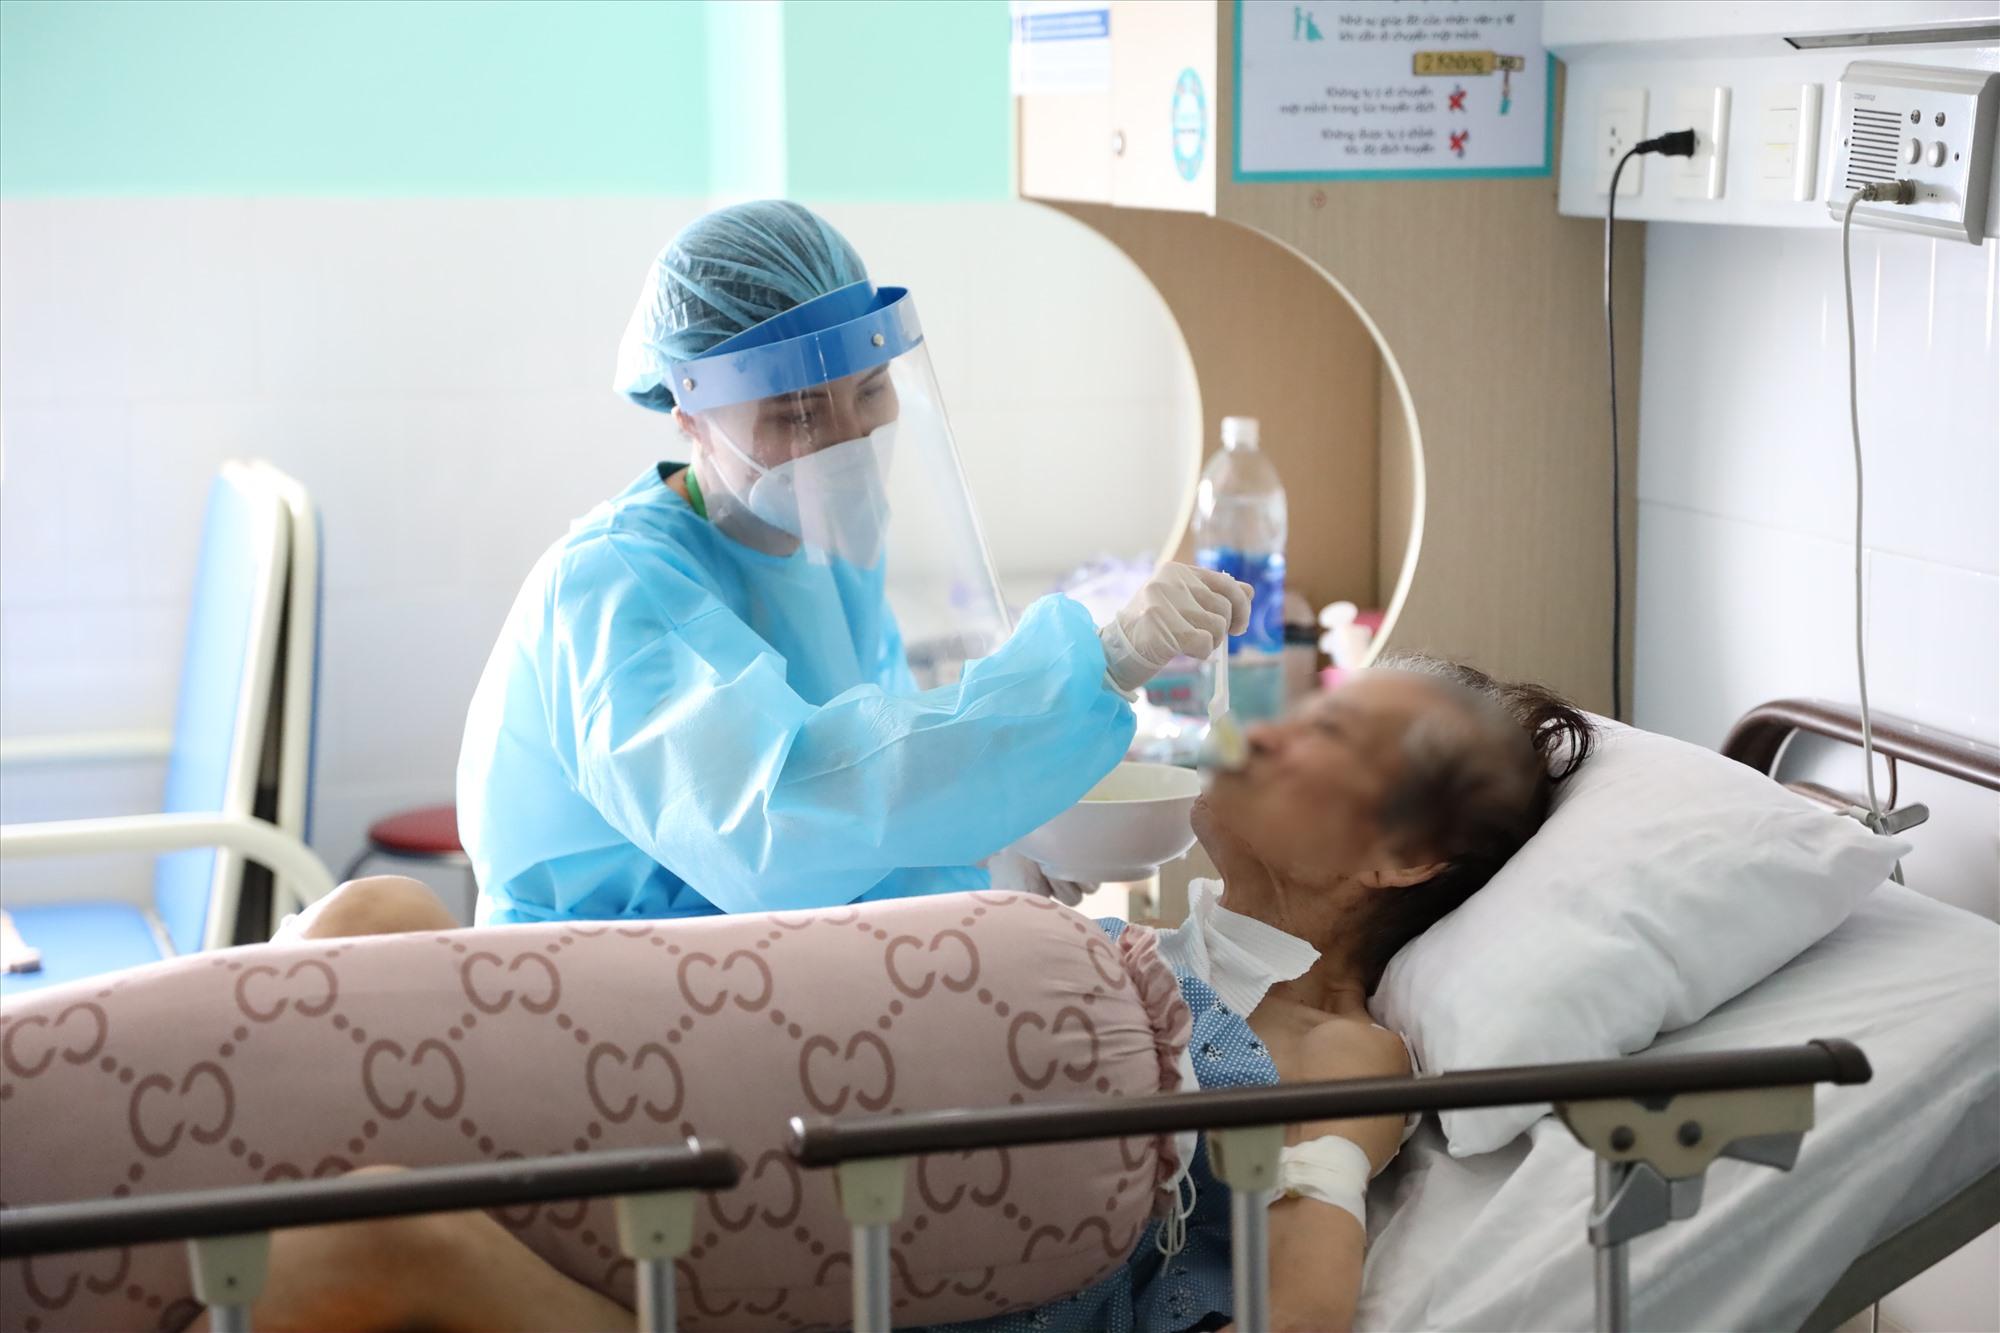 Với chế độ chăm sóc toàn diện, bệnh nhân đang dần hồi phục chờ ngày xuất viện